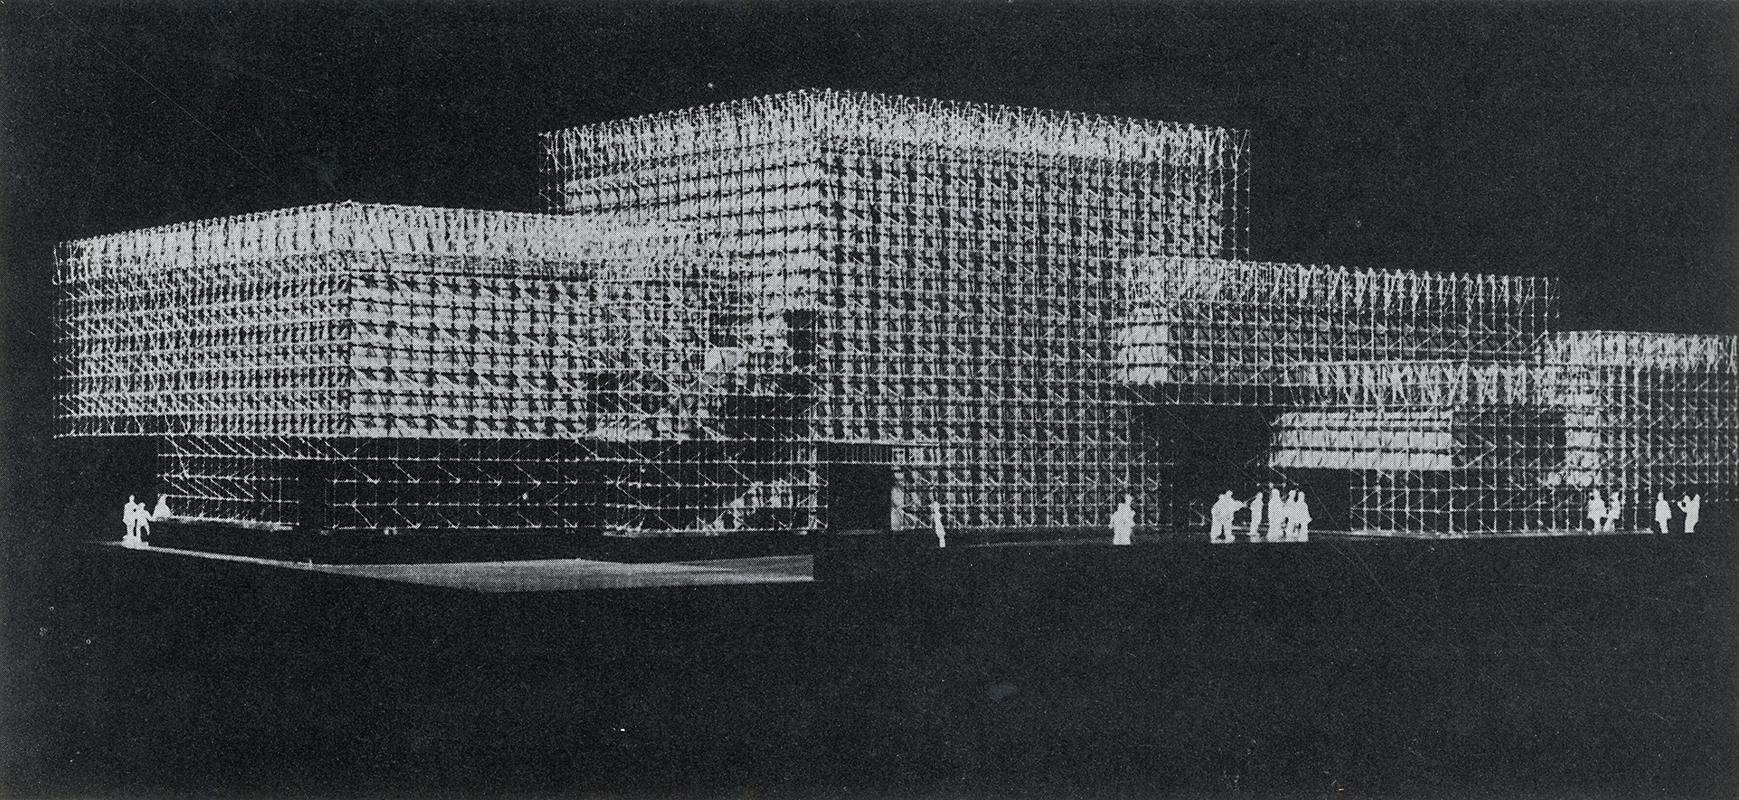 Eijkelenboom Middelhoek. Calli. 24 1966, 32